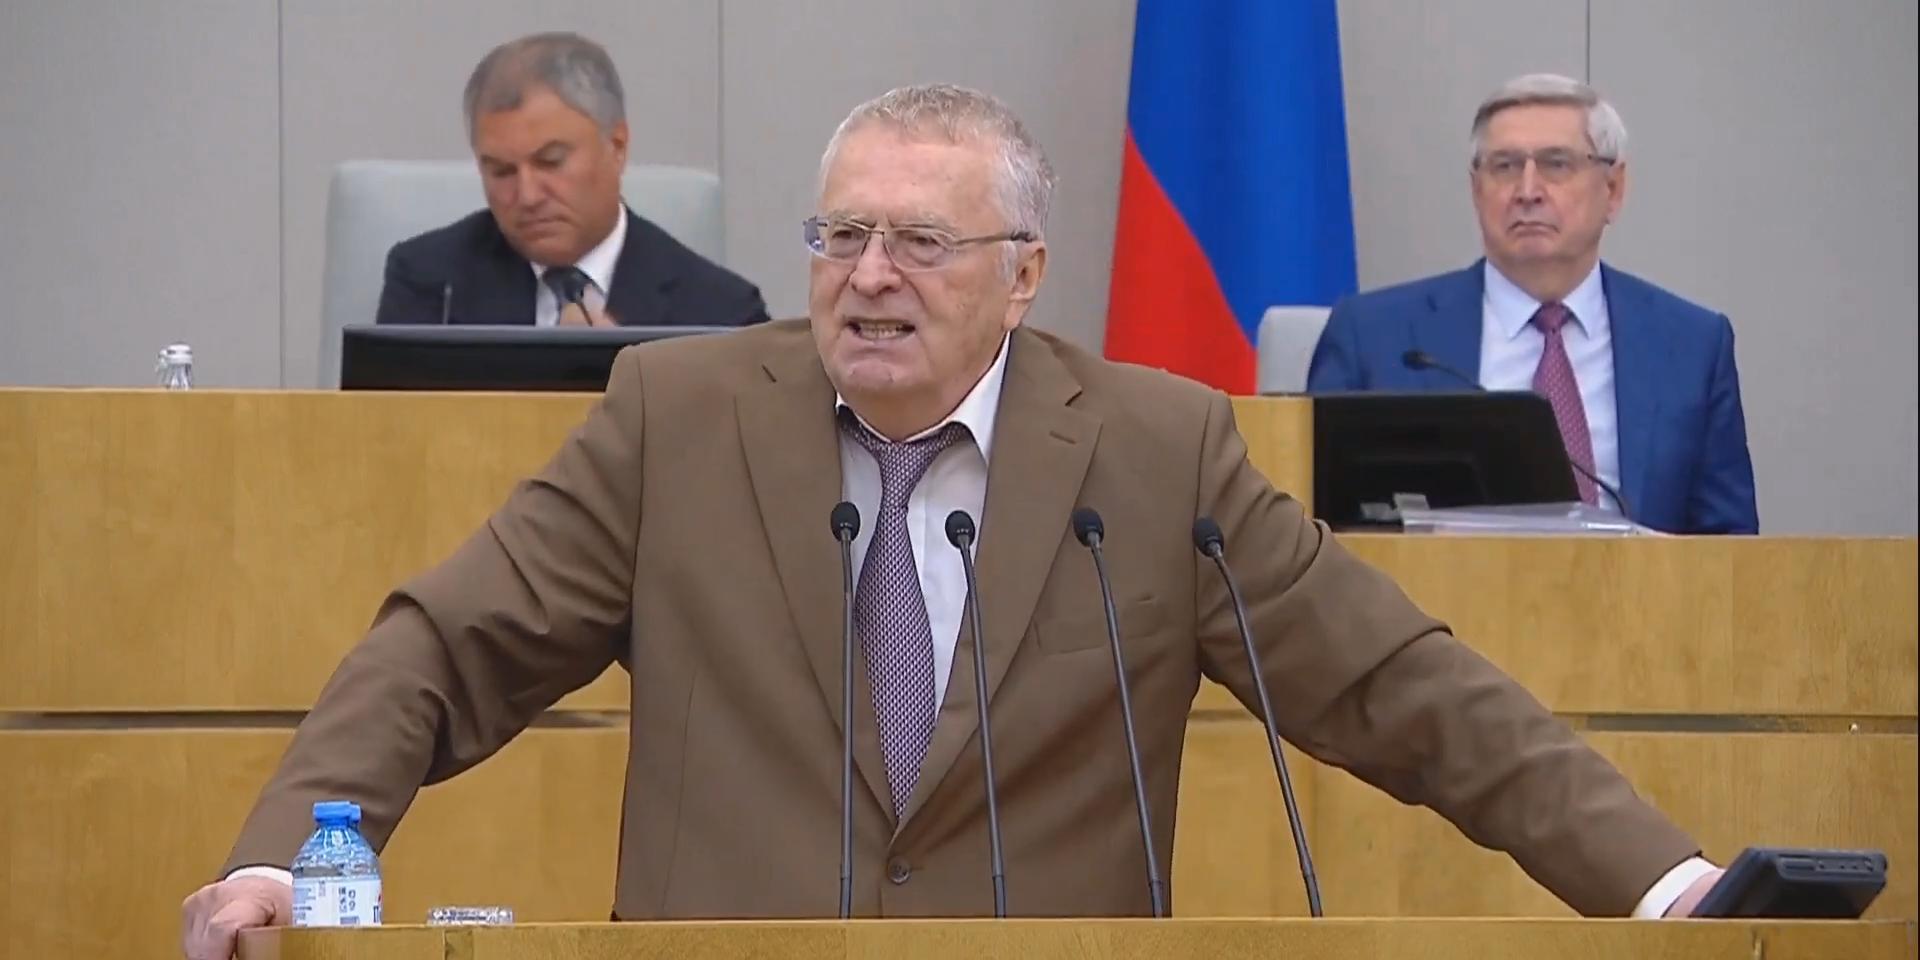 """""""Северные потоки закрыть"""": Жириновский назвал незавершенную газификацию издевательством над русскими"""